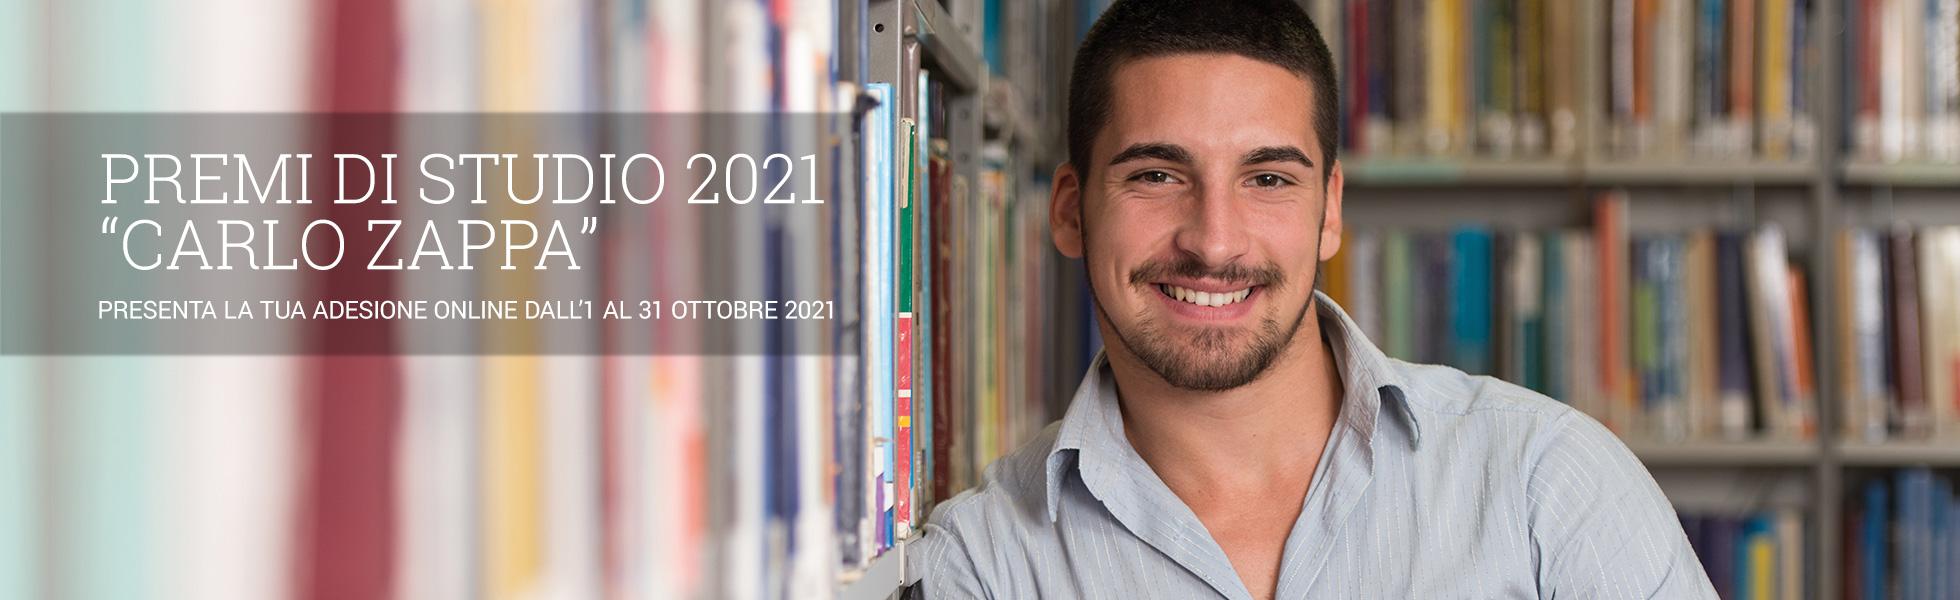 PREMI DI STUDIO E DI LAUREA 2021